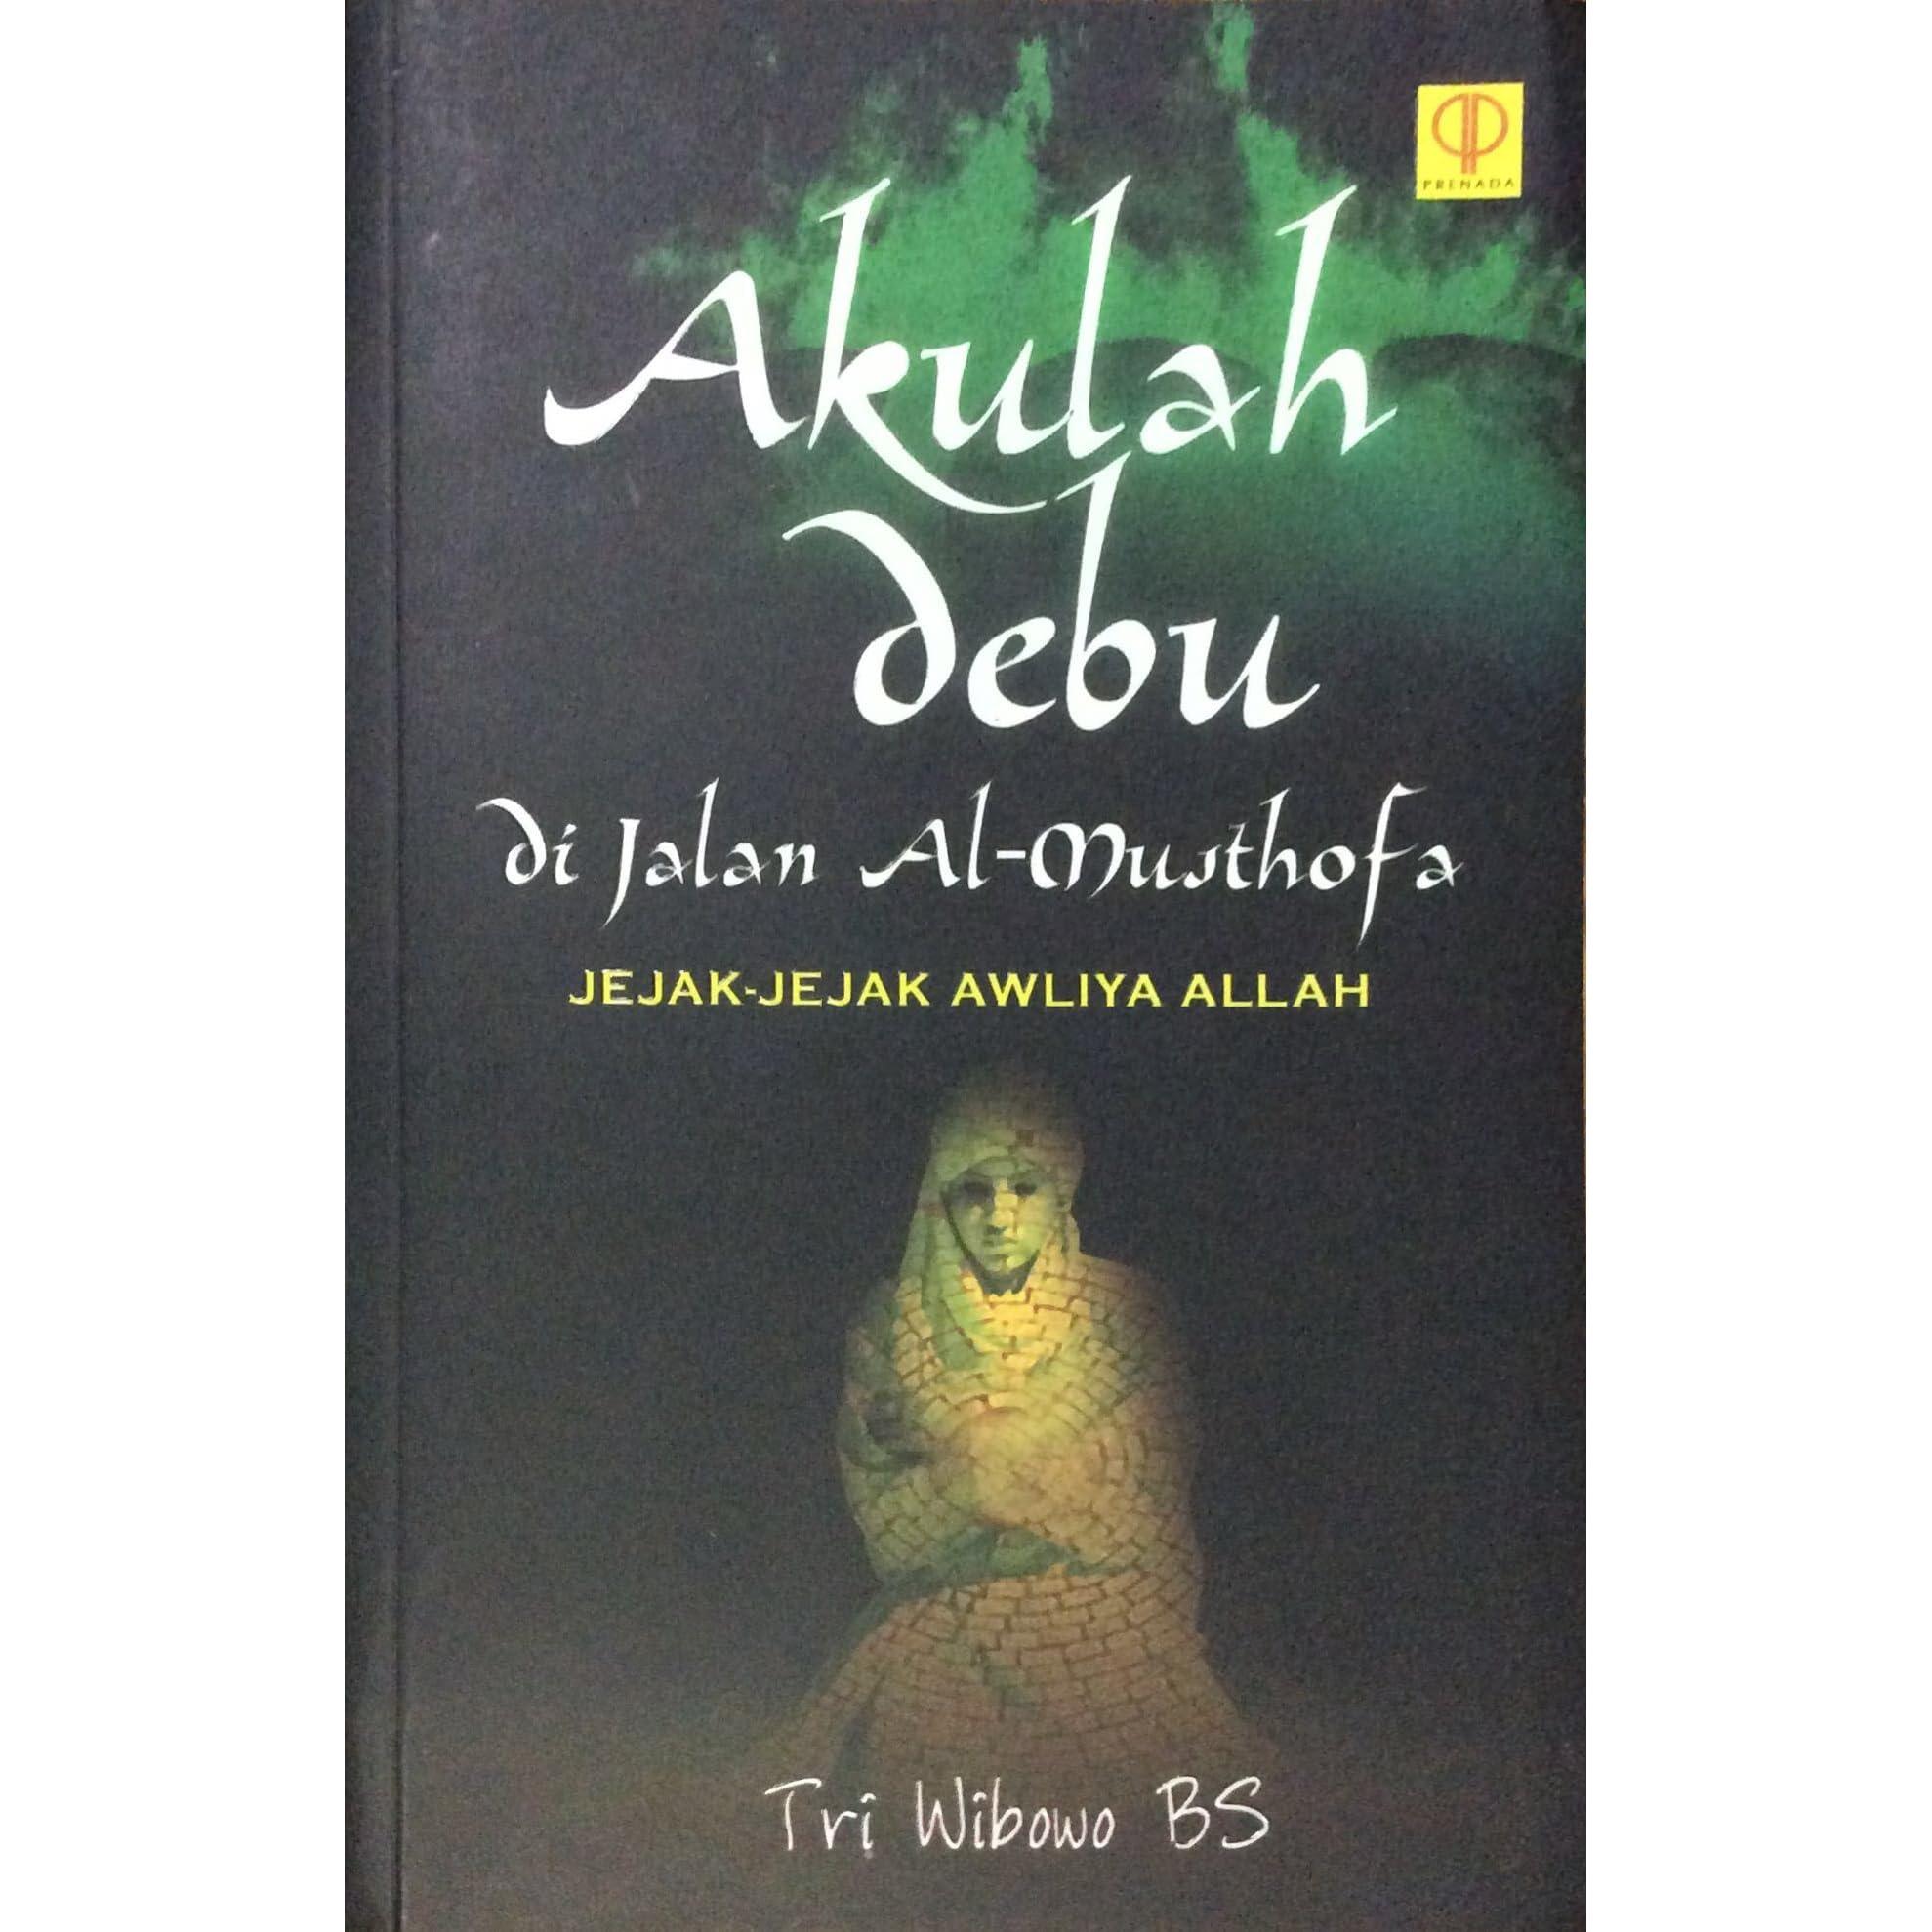 Citaten Rumi Lengkap : Akulah debu di jalan al musthofa: jejak jejak awliya allah by tri